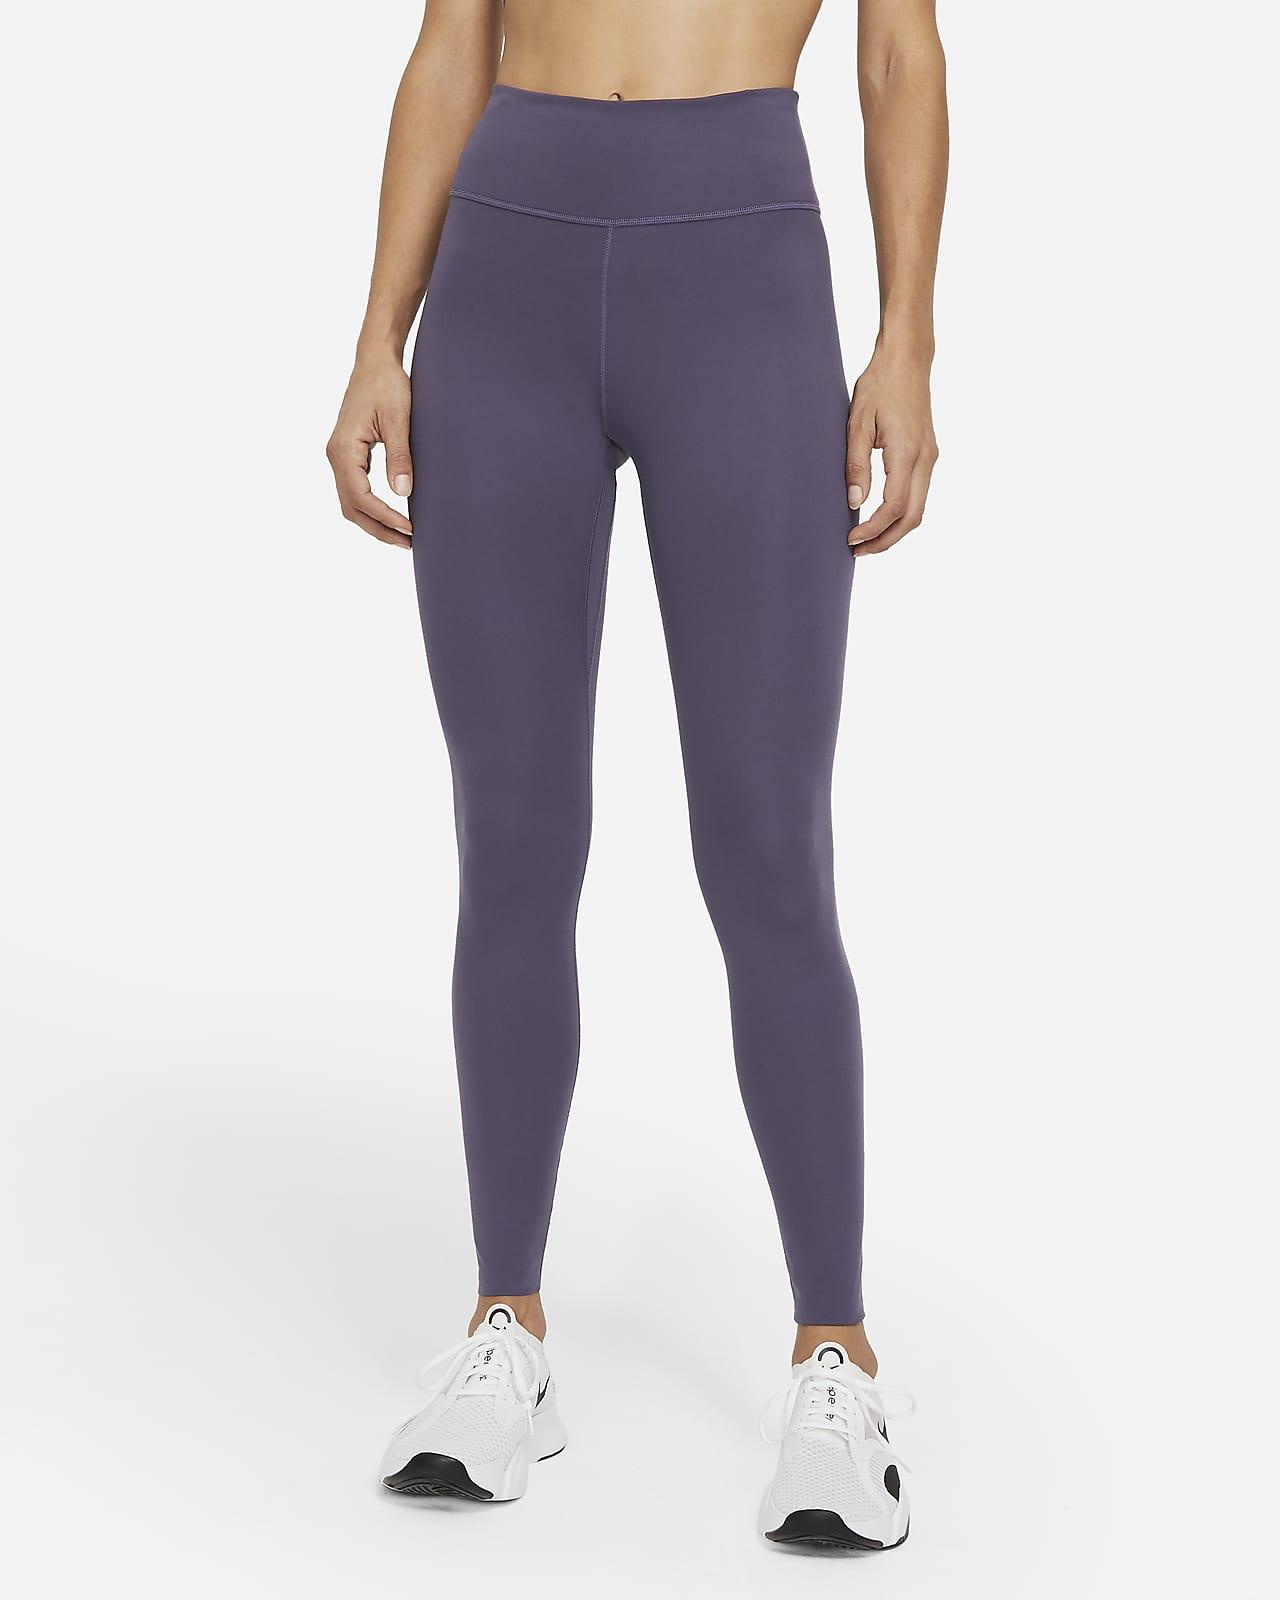 Nike One Luxe Leggings de talle medio - Mujer